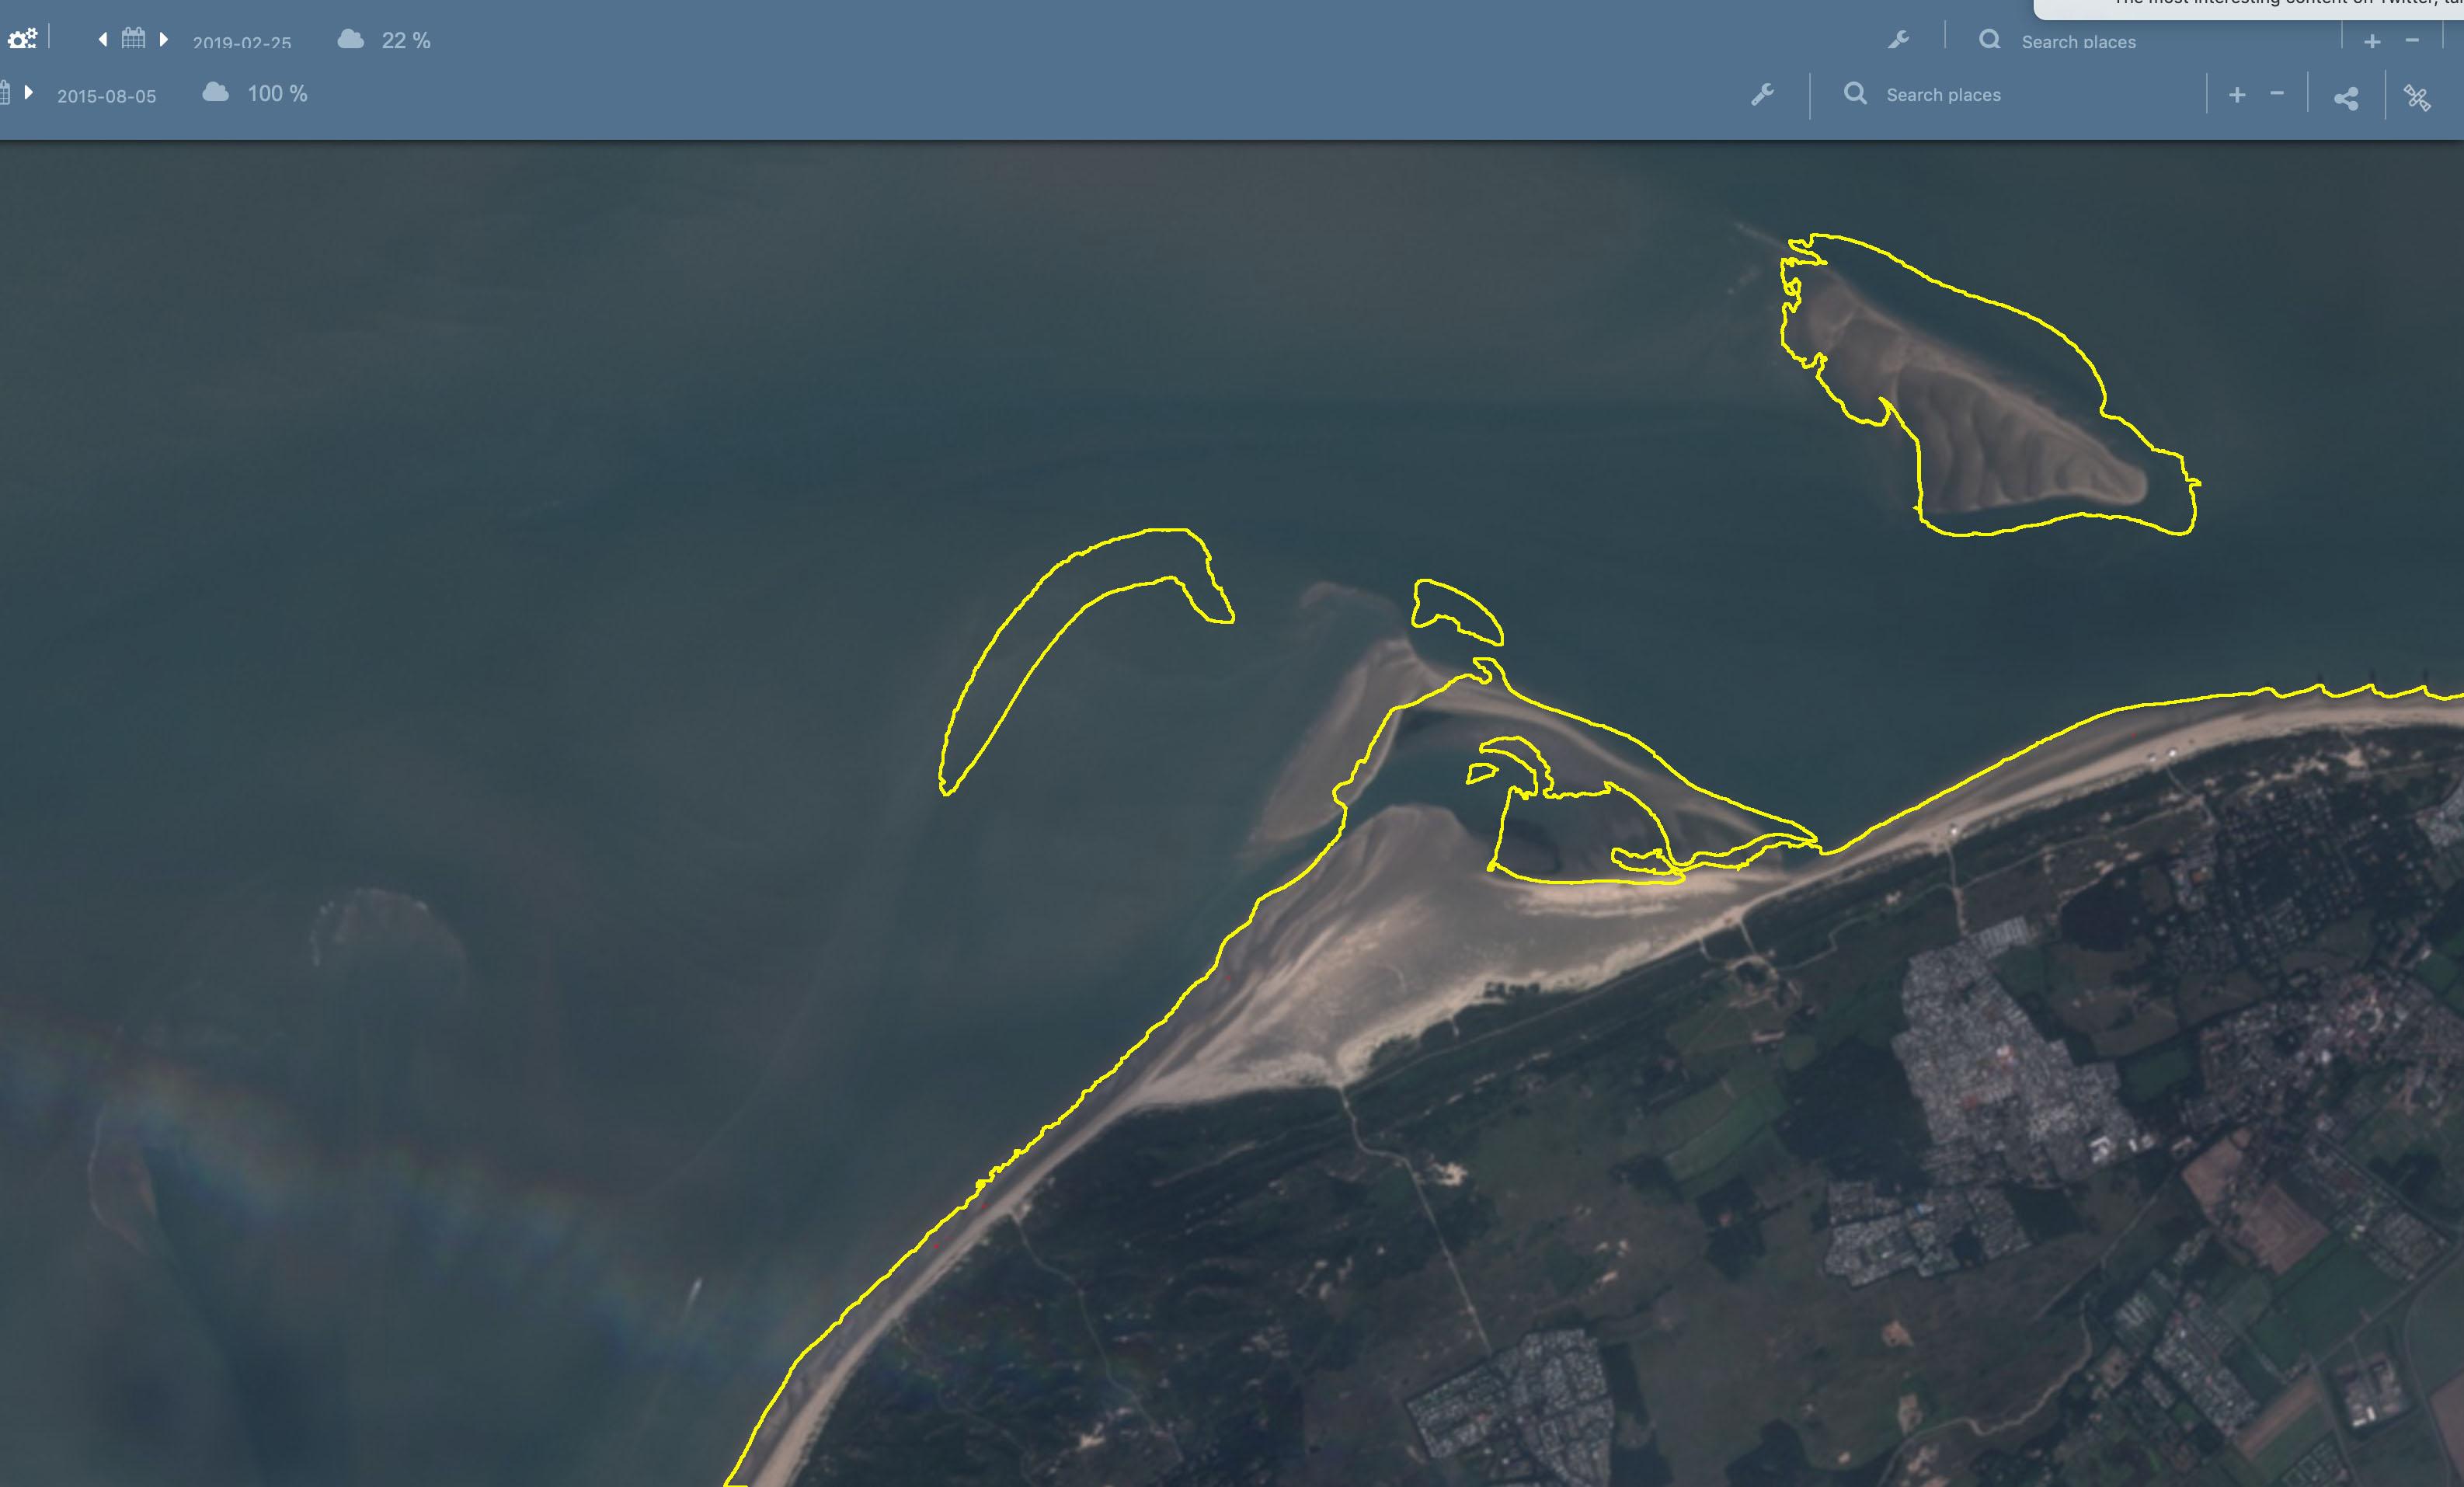 Veranderingen in de kust van Schouwen tussen 2015 en 2019